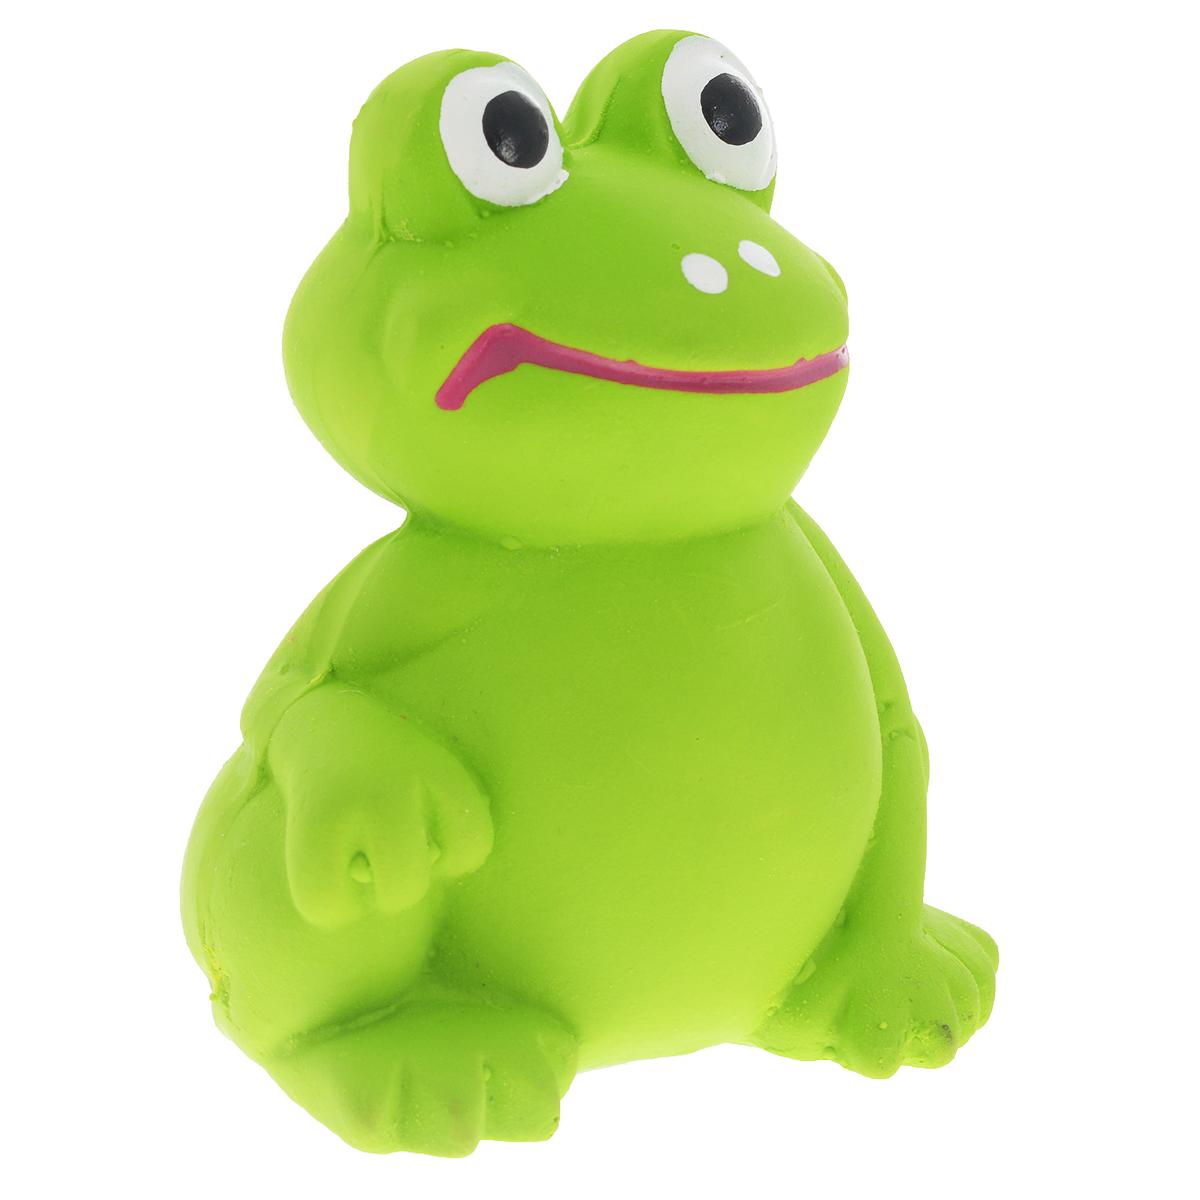 Игрушка для собак V.I.Pet Лягушка, цвет: зеленый0120710Игрушка V.I.Pet Лягушка изготовлена из латекса с использованием только безопасных, не токсичных красителей. Великолепно подходит для игры и массажа десен вашей собаки.Забавная лягушка при надавливании или захвате пастью, пищит. Такая игрушка порадует вашего любимца, а вам доставит массу приятных эмоций, ведь наблюдать за игрой всегда интересно и приятно. Оставшись в одиночестве, ваша собака будет увлеченно играть в эту игрушку.